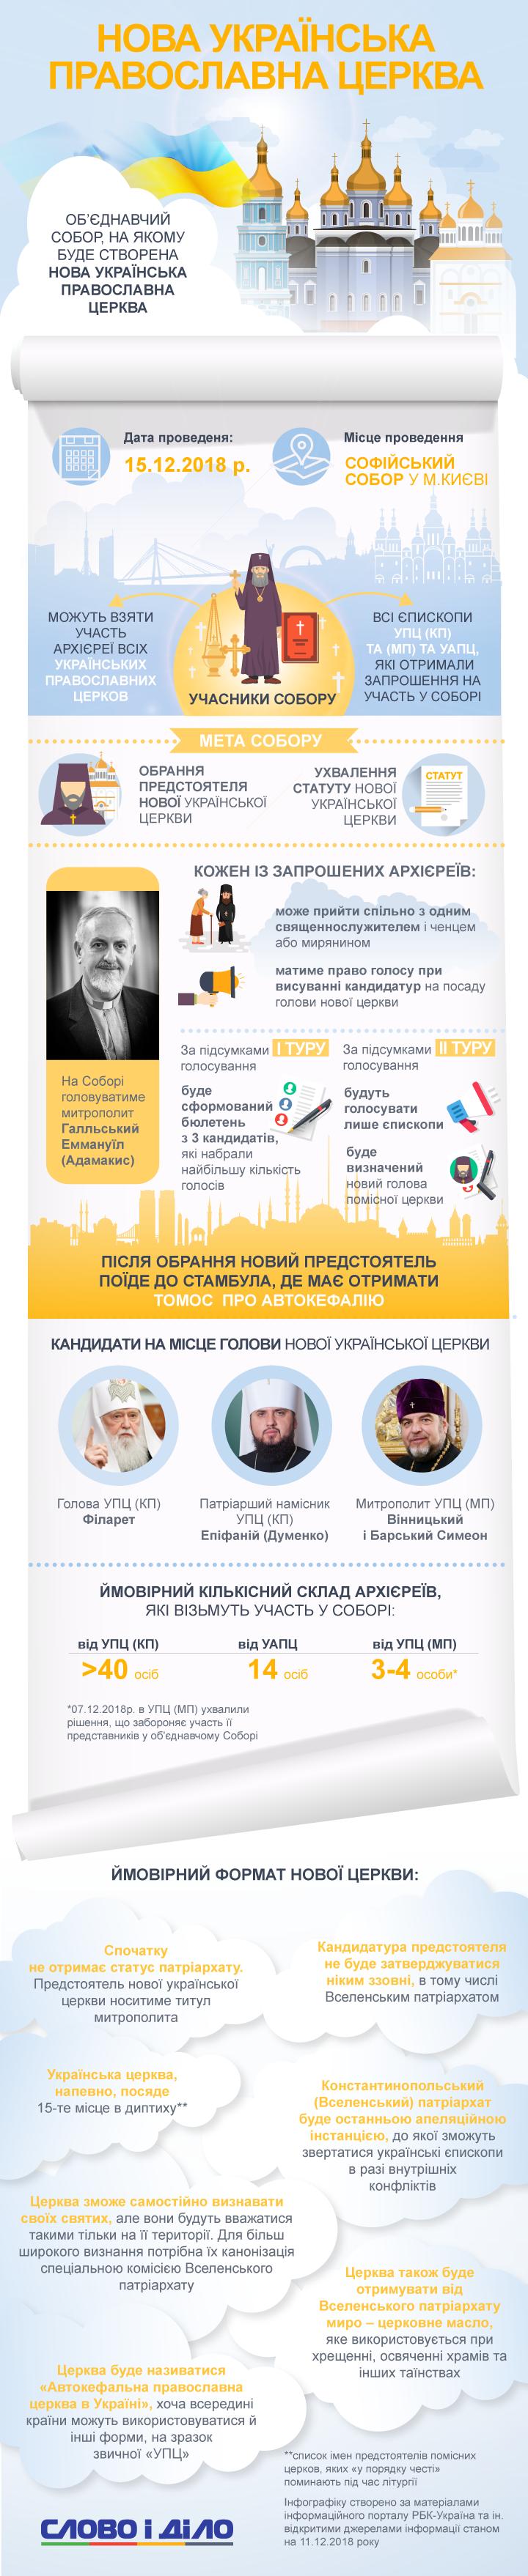 15 декабря на Объединительном соборе будет избран глава новой украинской церкви, который поедет в Стамбул получать томос.